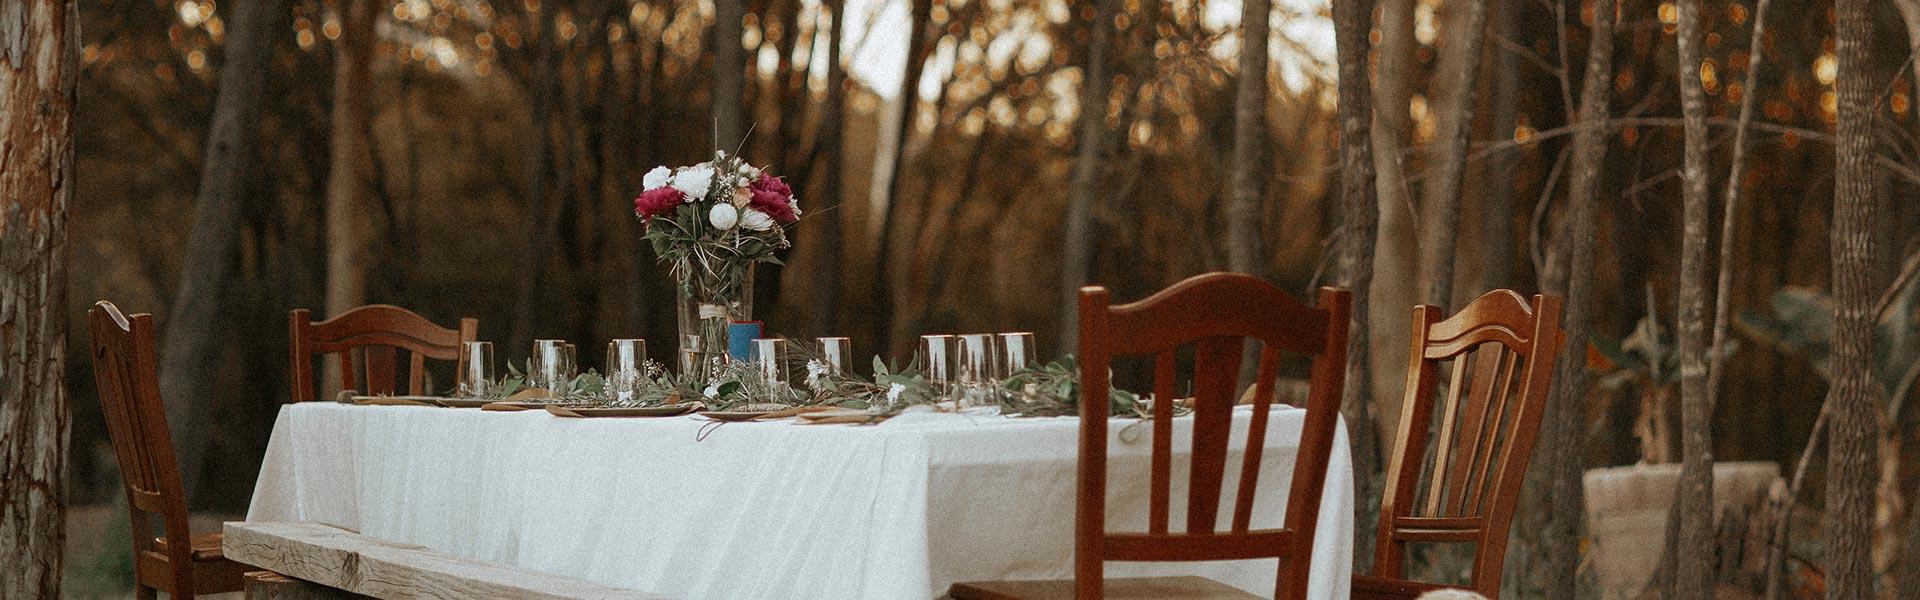 Medlemmar | Dukat bord